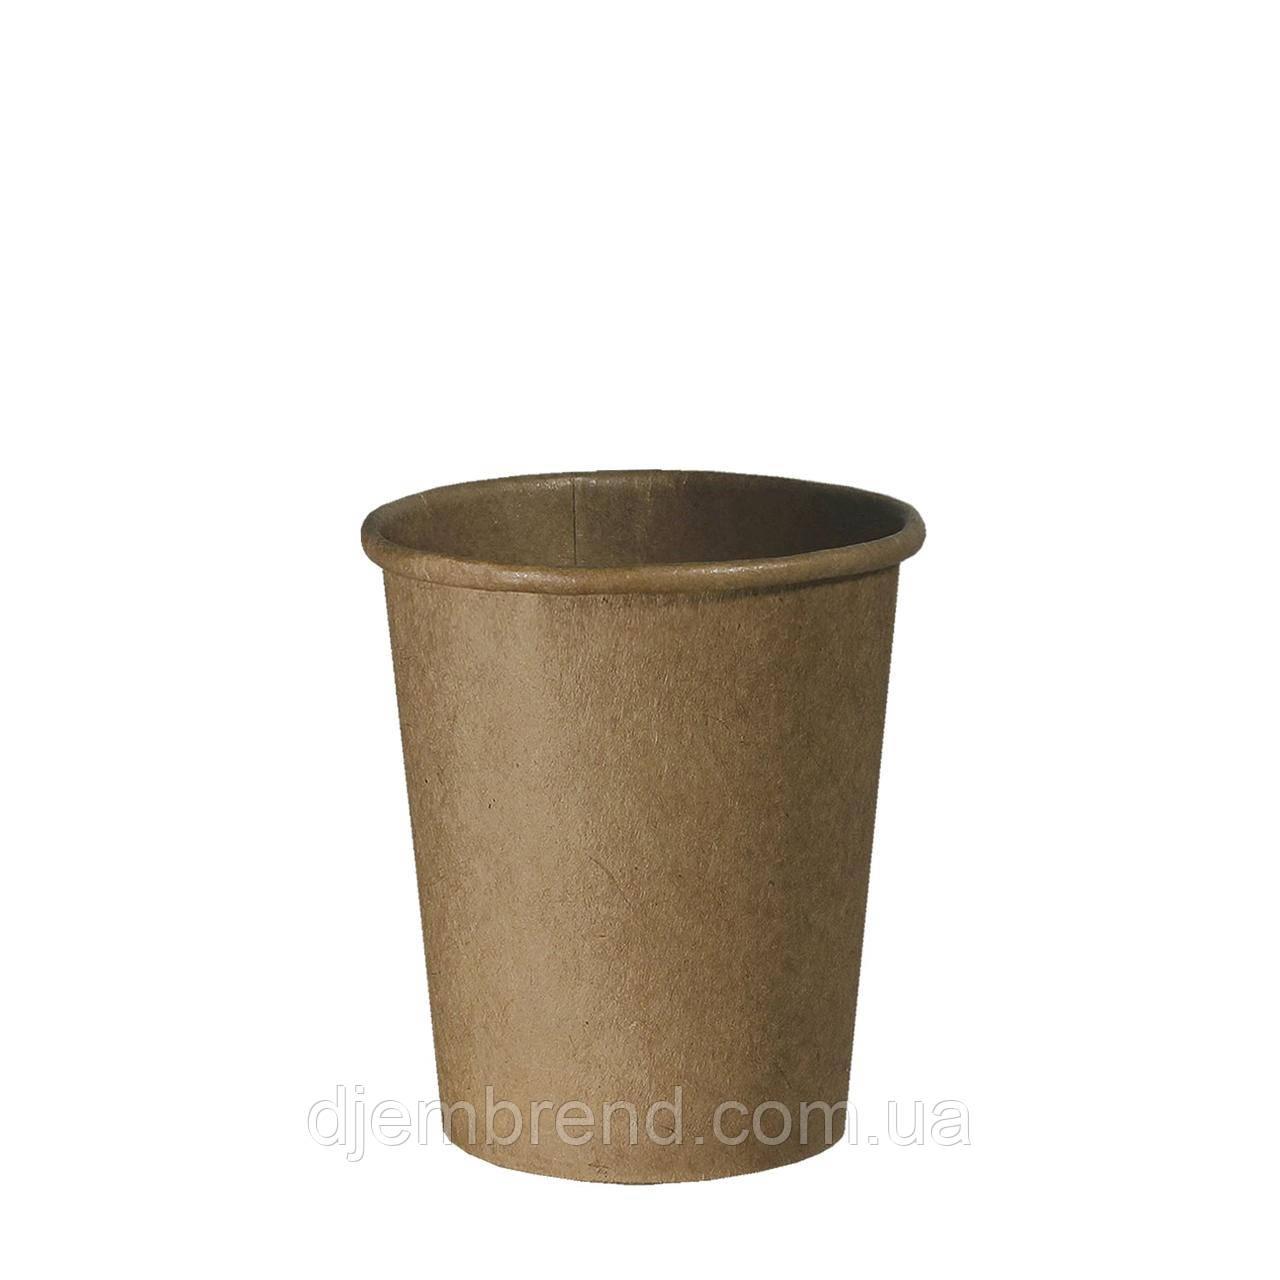 Стакан бумажный Крафт 175мл. 50шт/уп  (КР72)